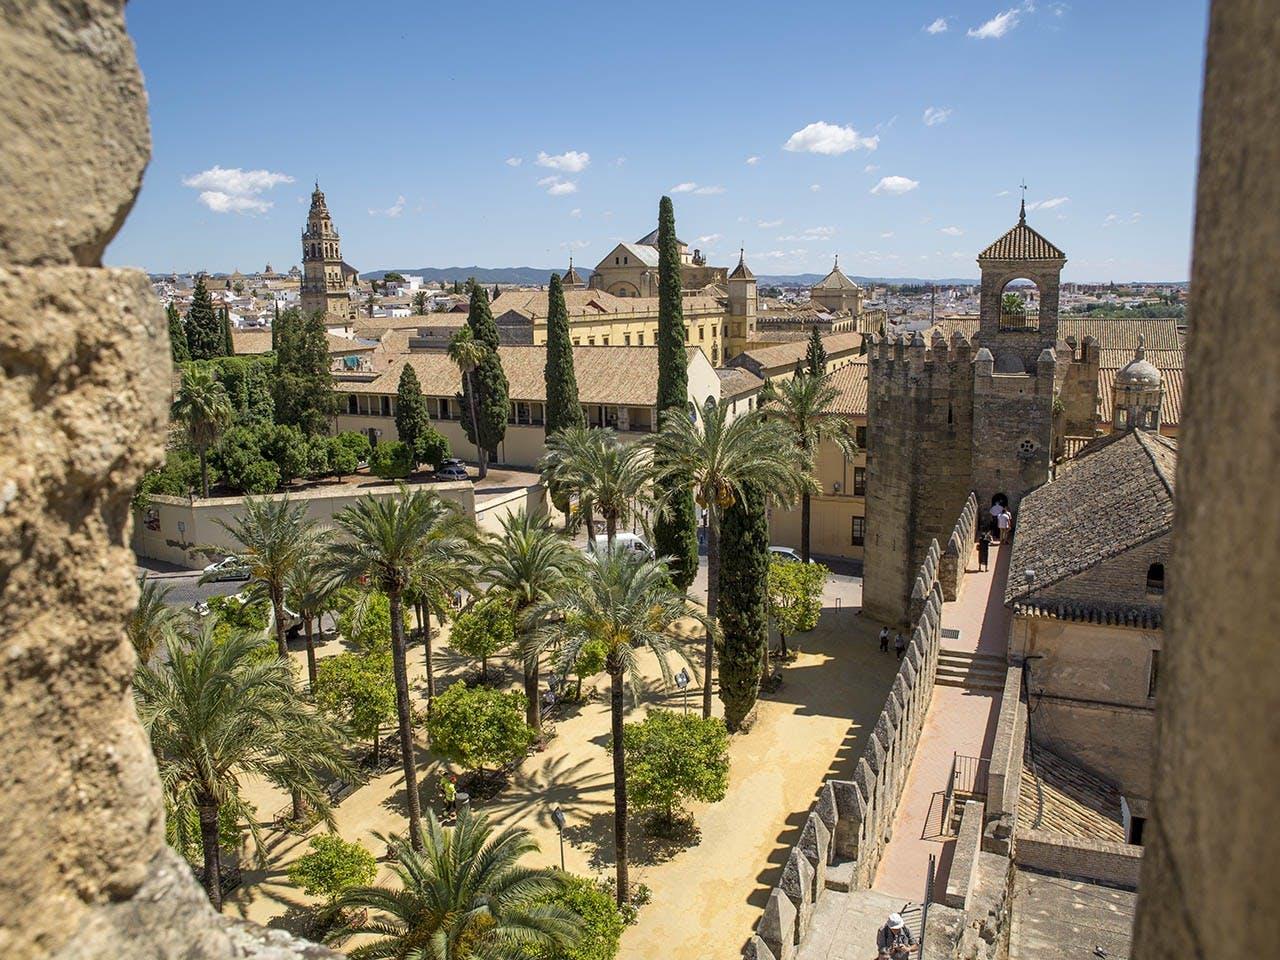 Visita guiada al Alcázar de los Reyes Cristianos de Córdoba-4